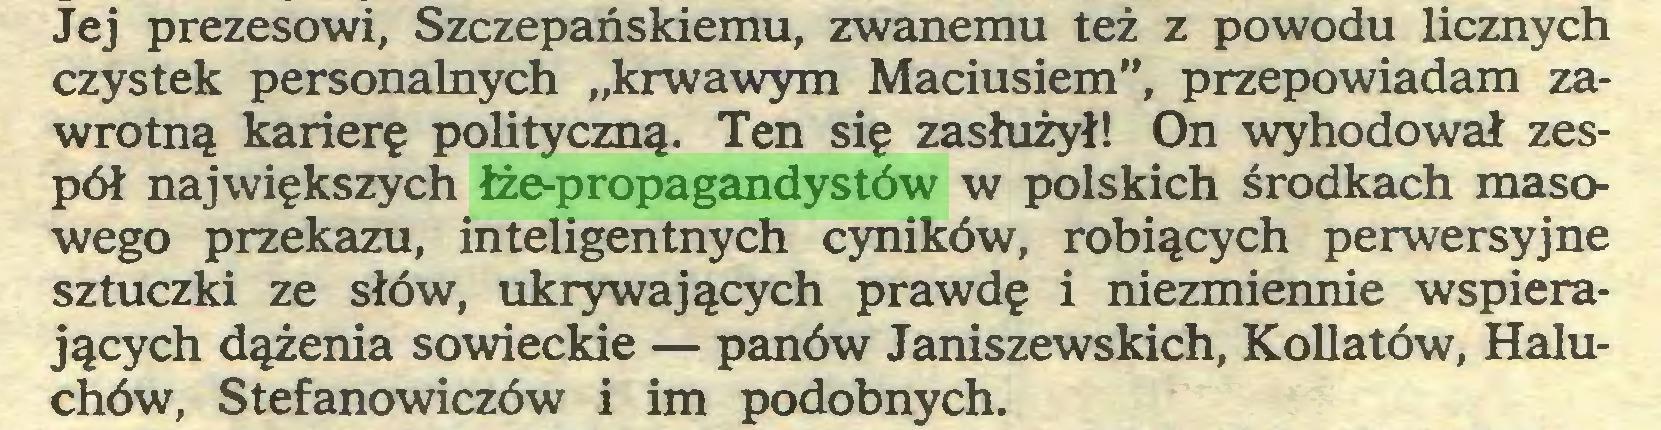 """(...) Jej prezesowi, Szczepańskiemu, zwanemu też z powodu licznych czystek personalnych """"krwawym Maciusiem"""", przepowiadam zawrotną karierę polityczną. Ten się zasłużył! On wyhodował zespół największych łże-propagandystów w polskich środkach masowego przekazu, inteligentnych cyników, robiących perwersyjne sztuczki ze słów, ukrywających prawdę i niezmiennie wspierających dążenia sowieckie — panów Janiszewskich, Kollatów, Haluchów, Stefanowiczów i im podobnych..."""